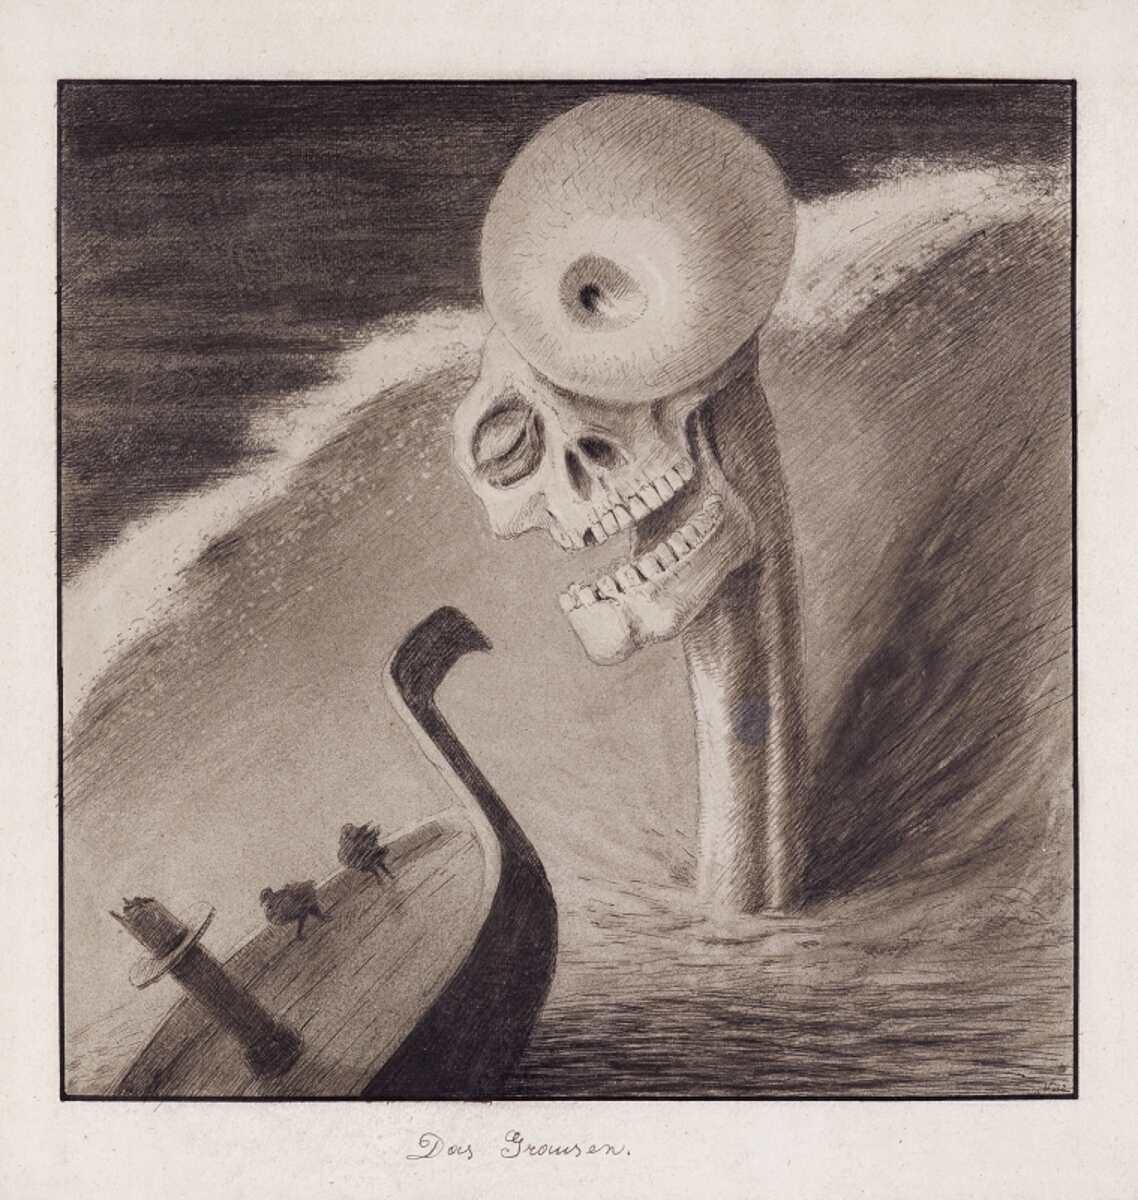 """Afred Kubin, """"Das Grausen"""", um 1902, Tusche, Feder (laviert), Spritztechnik auf Katasterpapier, 32,6 × 31,1 cm (Leopold Museum, Wien, © Eberhard Spangenberg/Bildrecht, Wien, 2016)"""